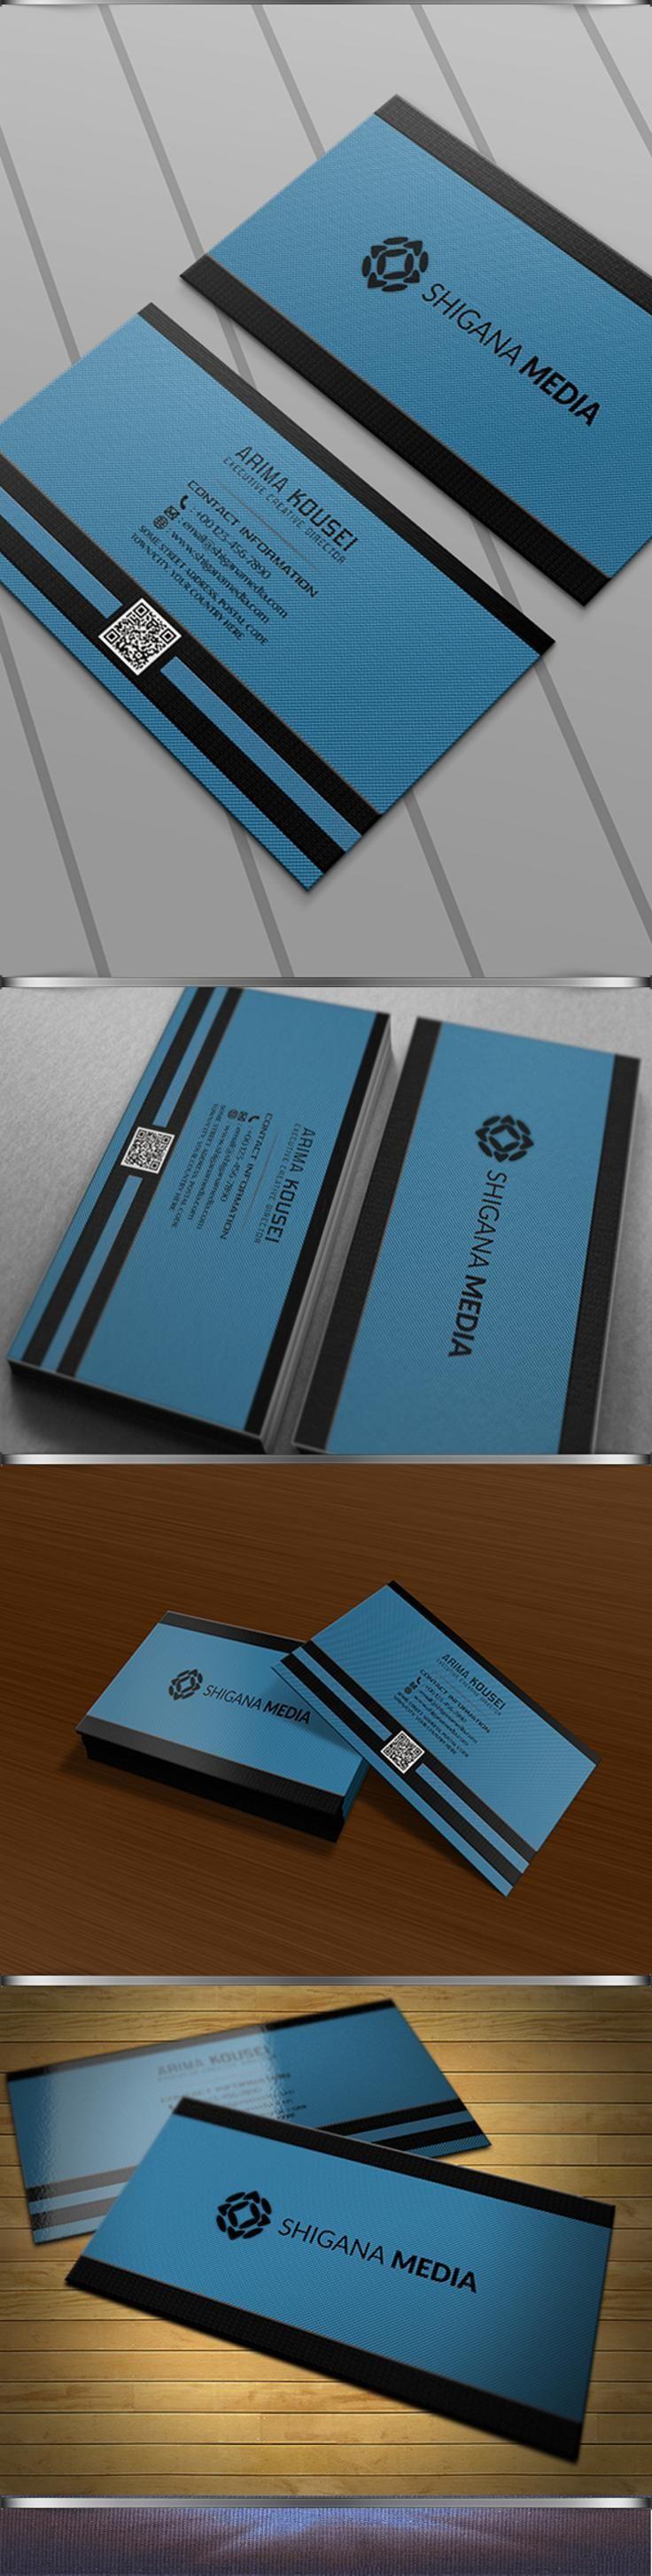 52 best clean elegant business cards images on pinterest elegant